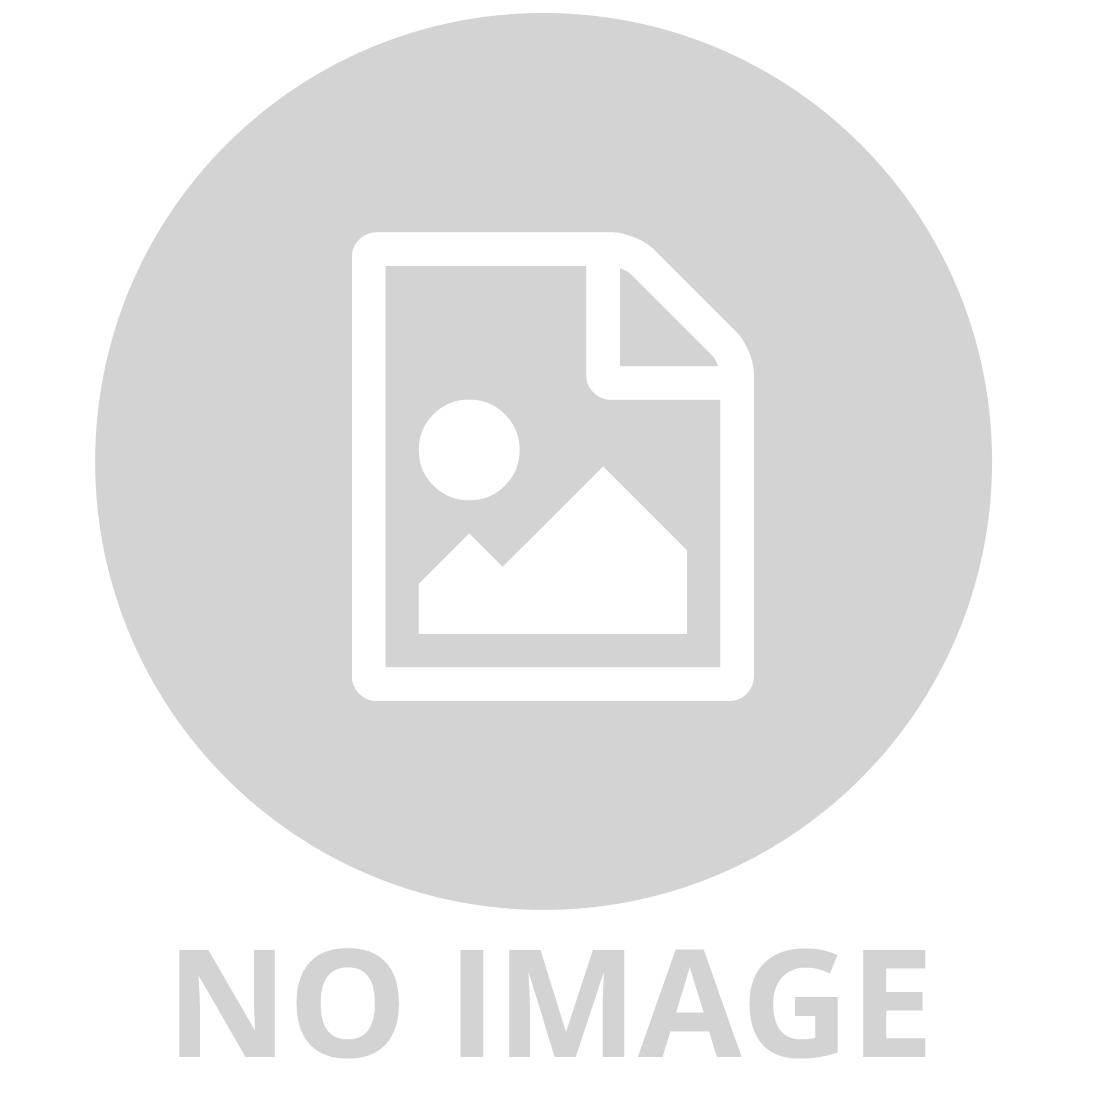 ADRENALIN BARREL SURFER SKATEBOARD